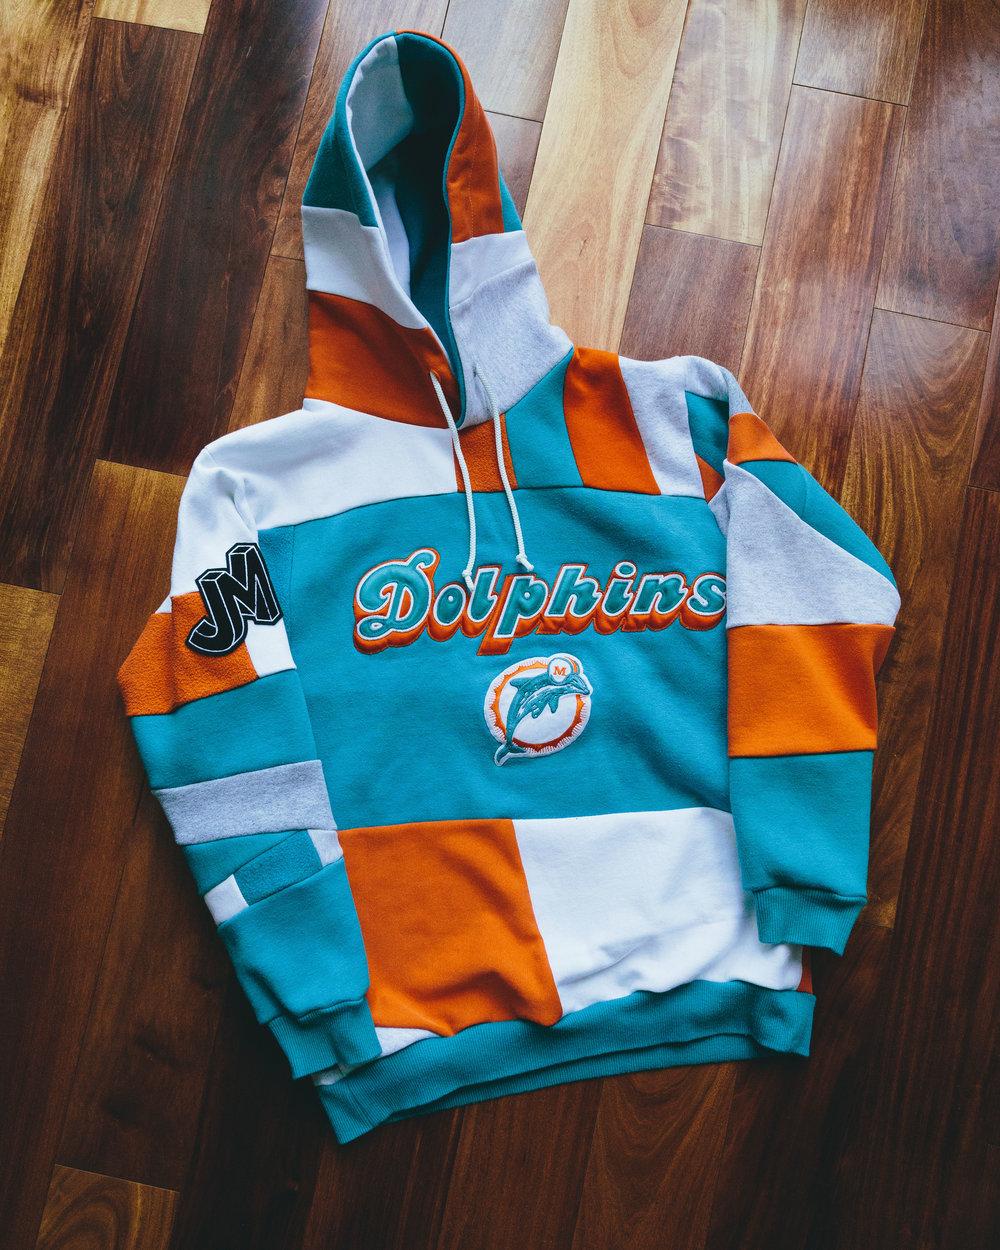 Dolphins Sweatshirt - Miami teal and orange hoodie, one of my favorite colorways.